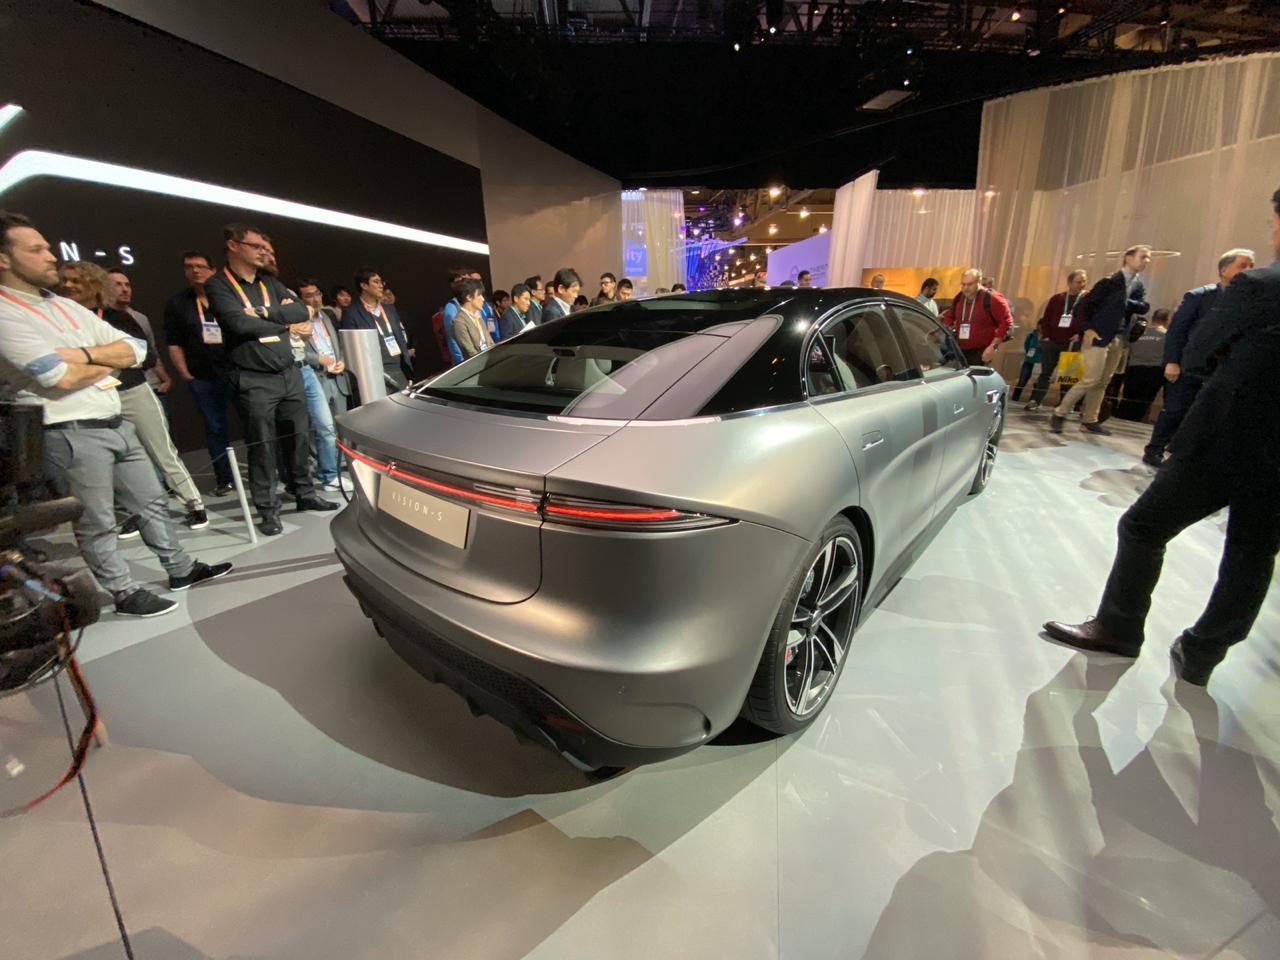 Carro Elétrico E Autônomo Vision S Na Ces 2020 tem traseira com vinco forte e lanternas pontiagudas